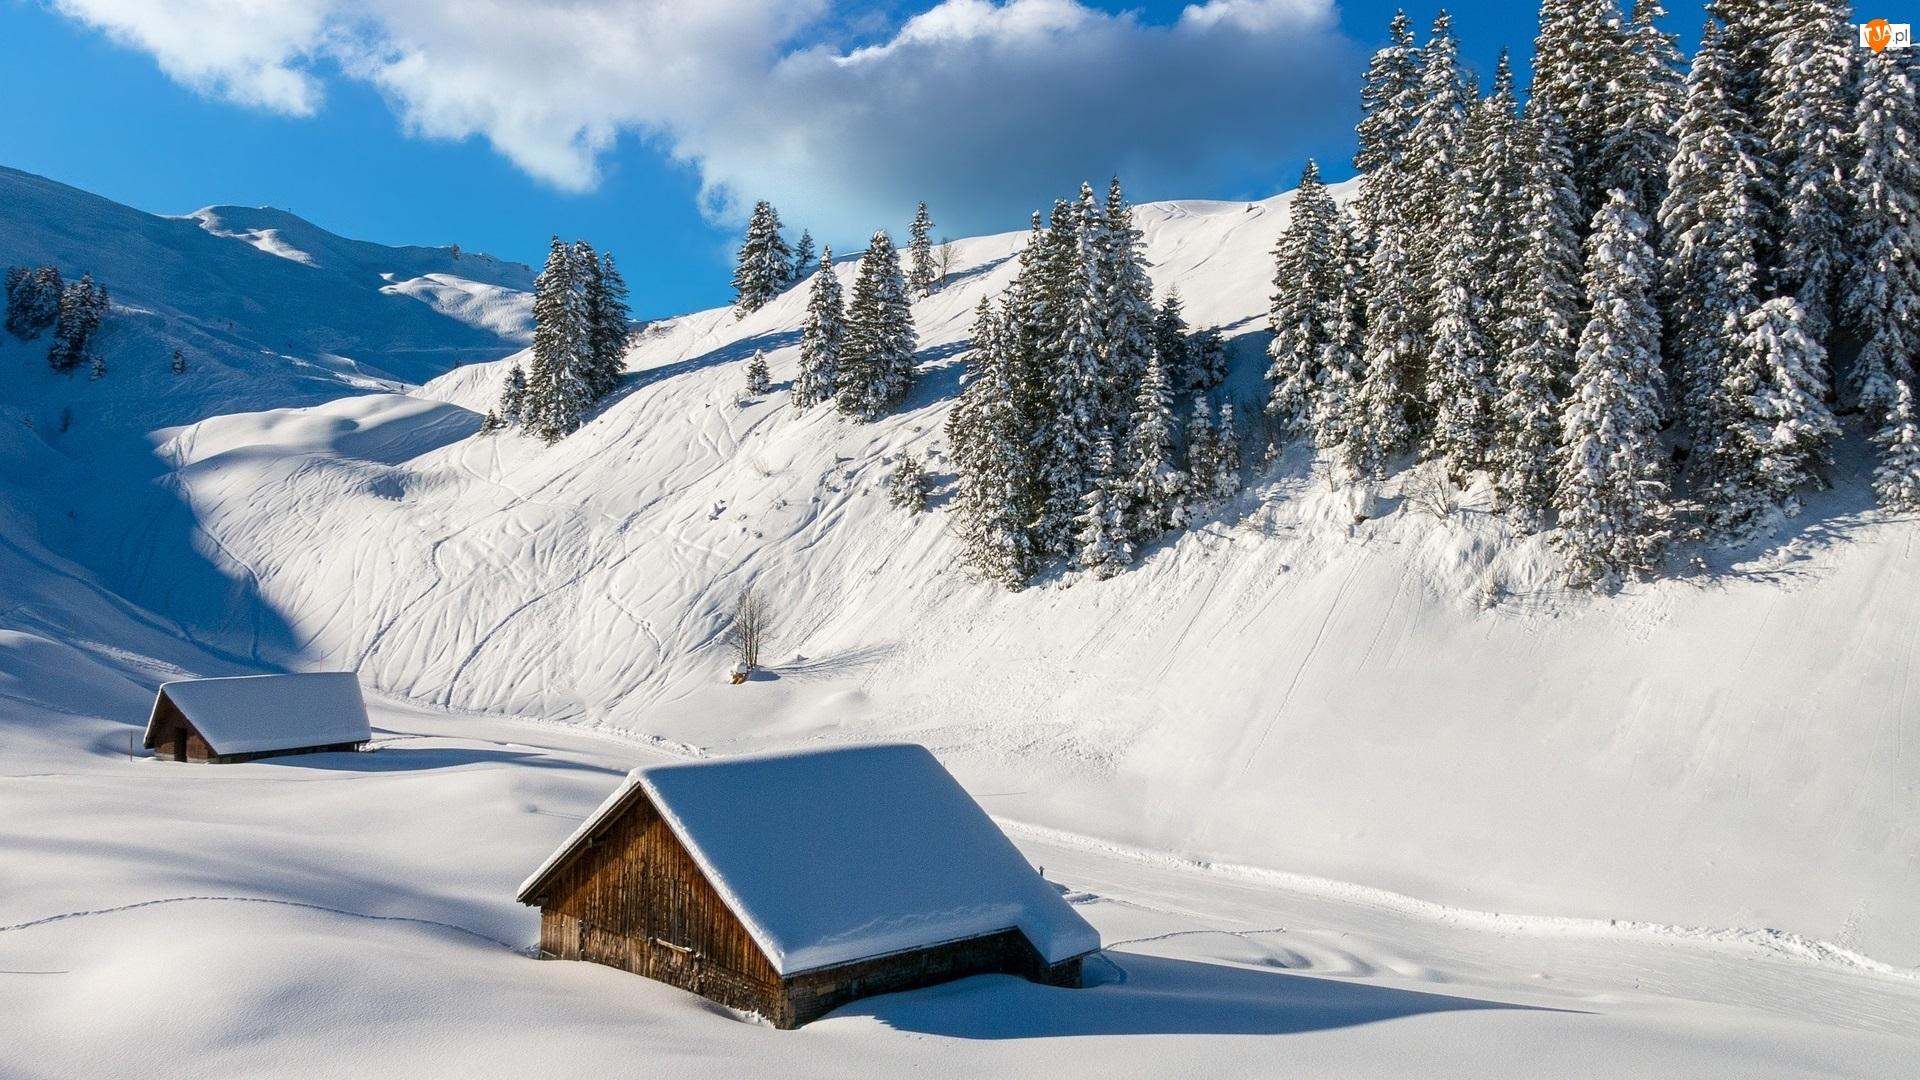 Góry, Śnieg, Domki, Zima, Szopy, Drewniane, Drzewa